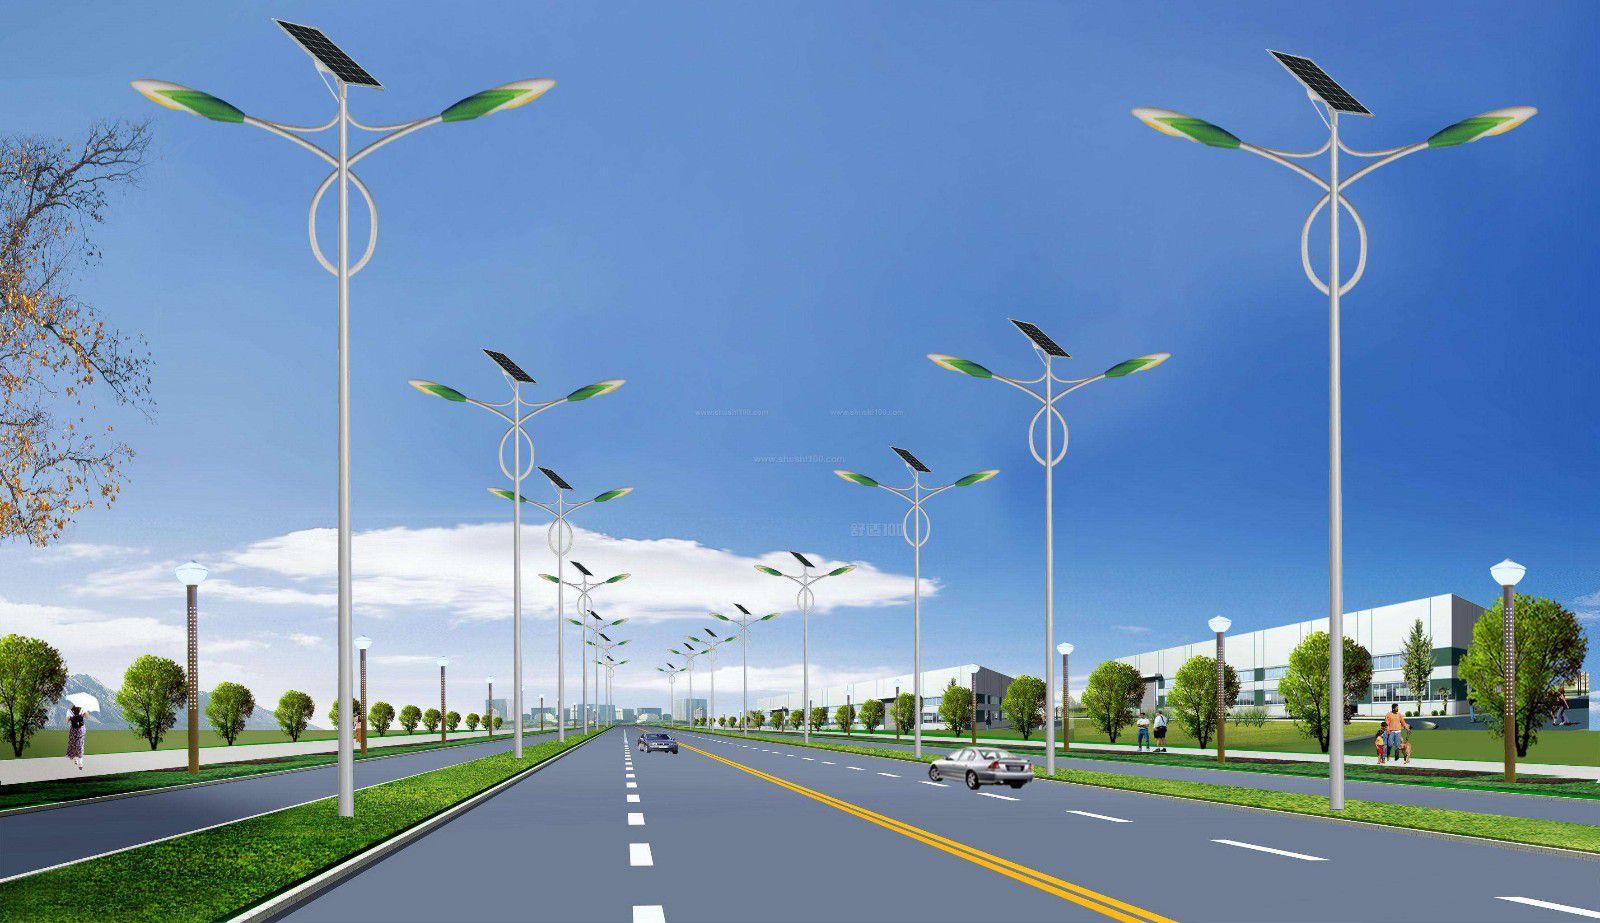 渭南太阳能路灯的现状分析保养维护